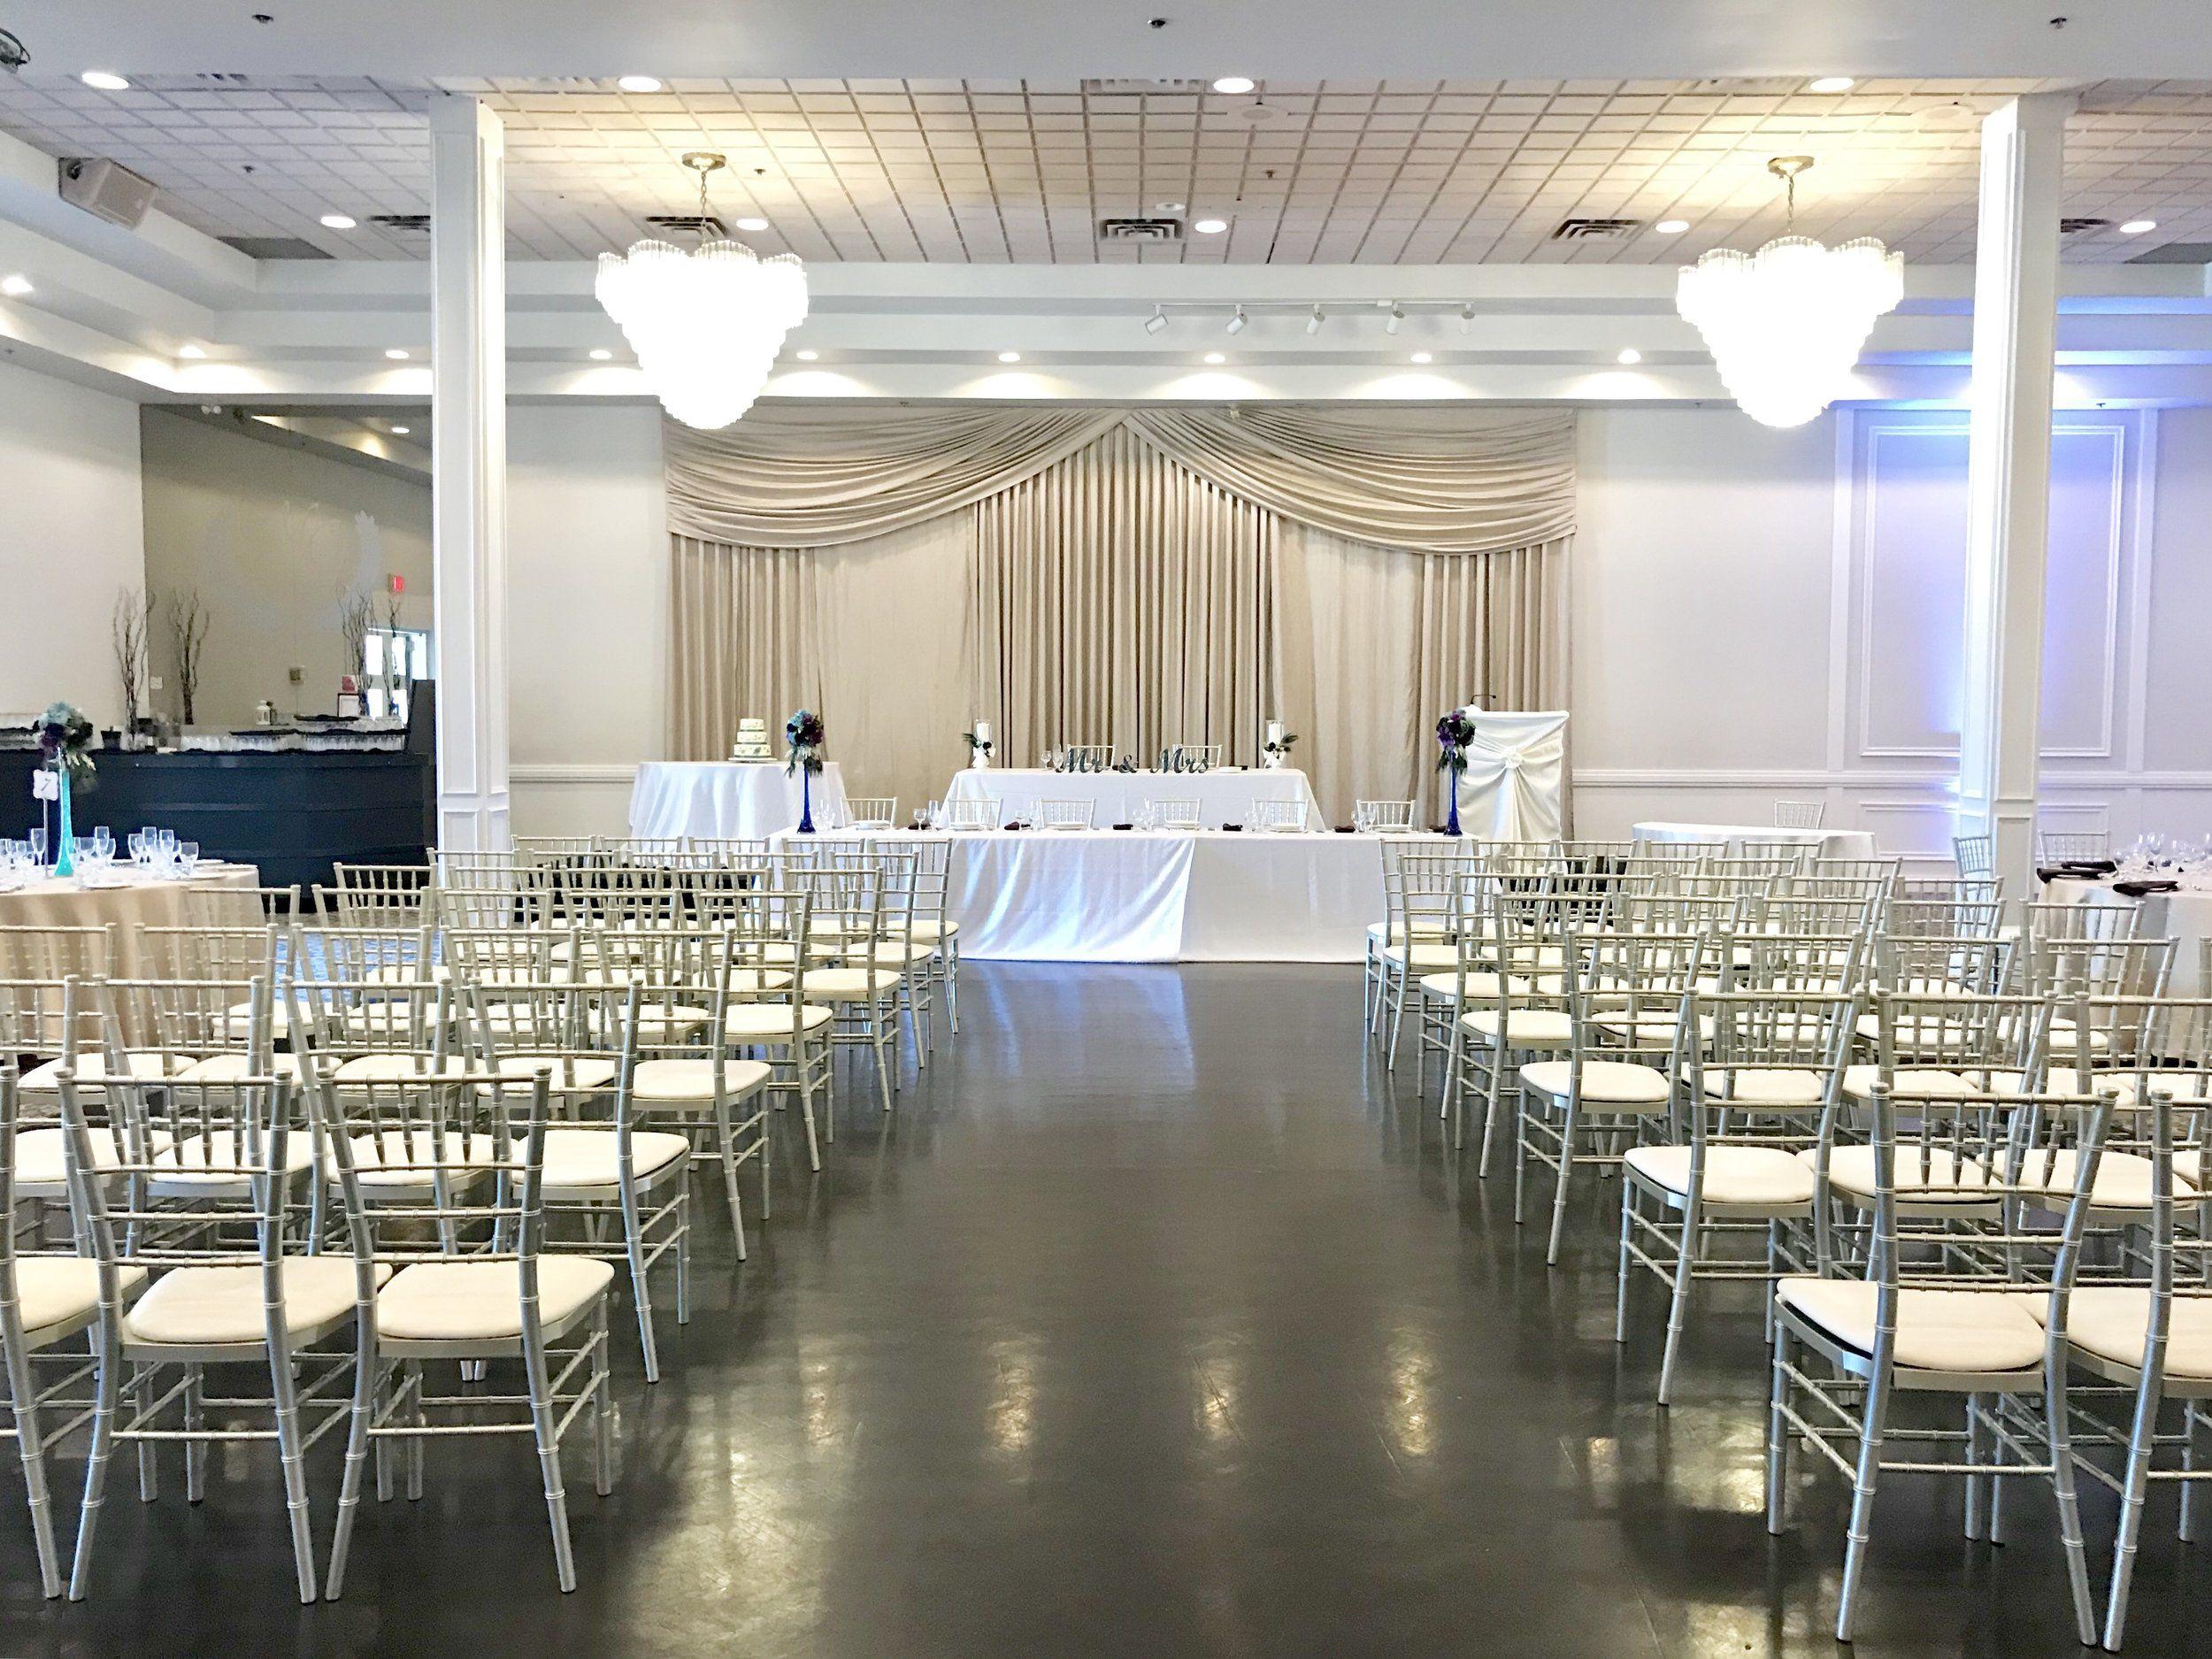 Wedding Banquet Hall Wedding Reception Venues Small Wedding Venues Toronto Wedding V Large Wedding Venues Wedding Banquet Hall Corporate Events Decoration